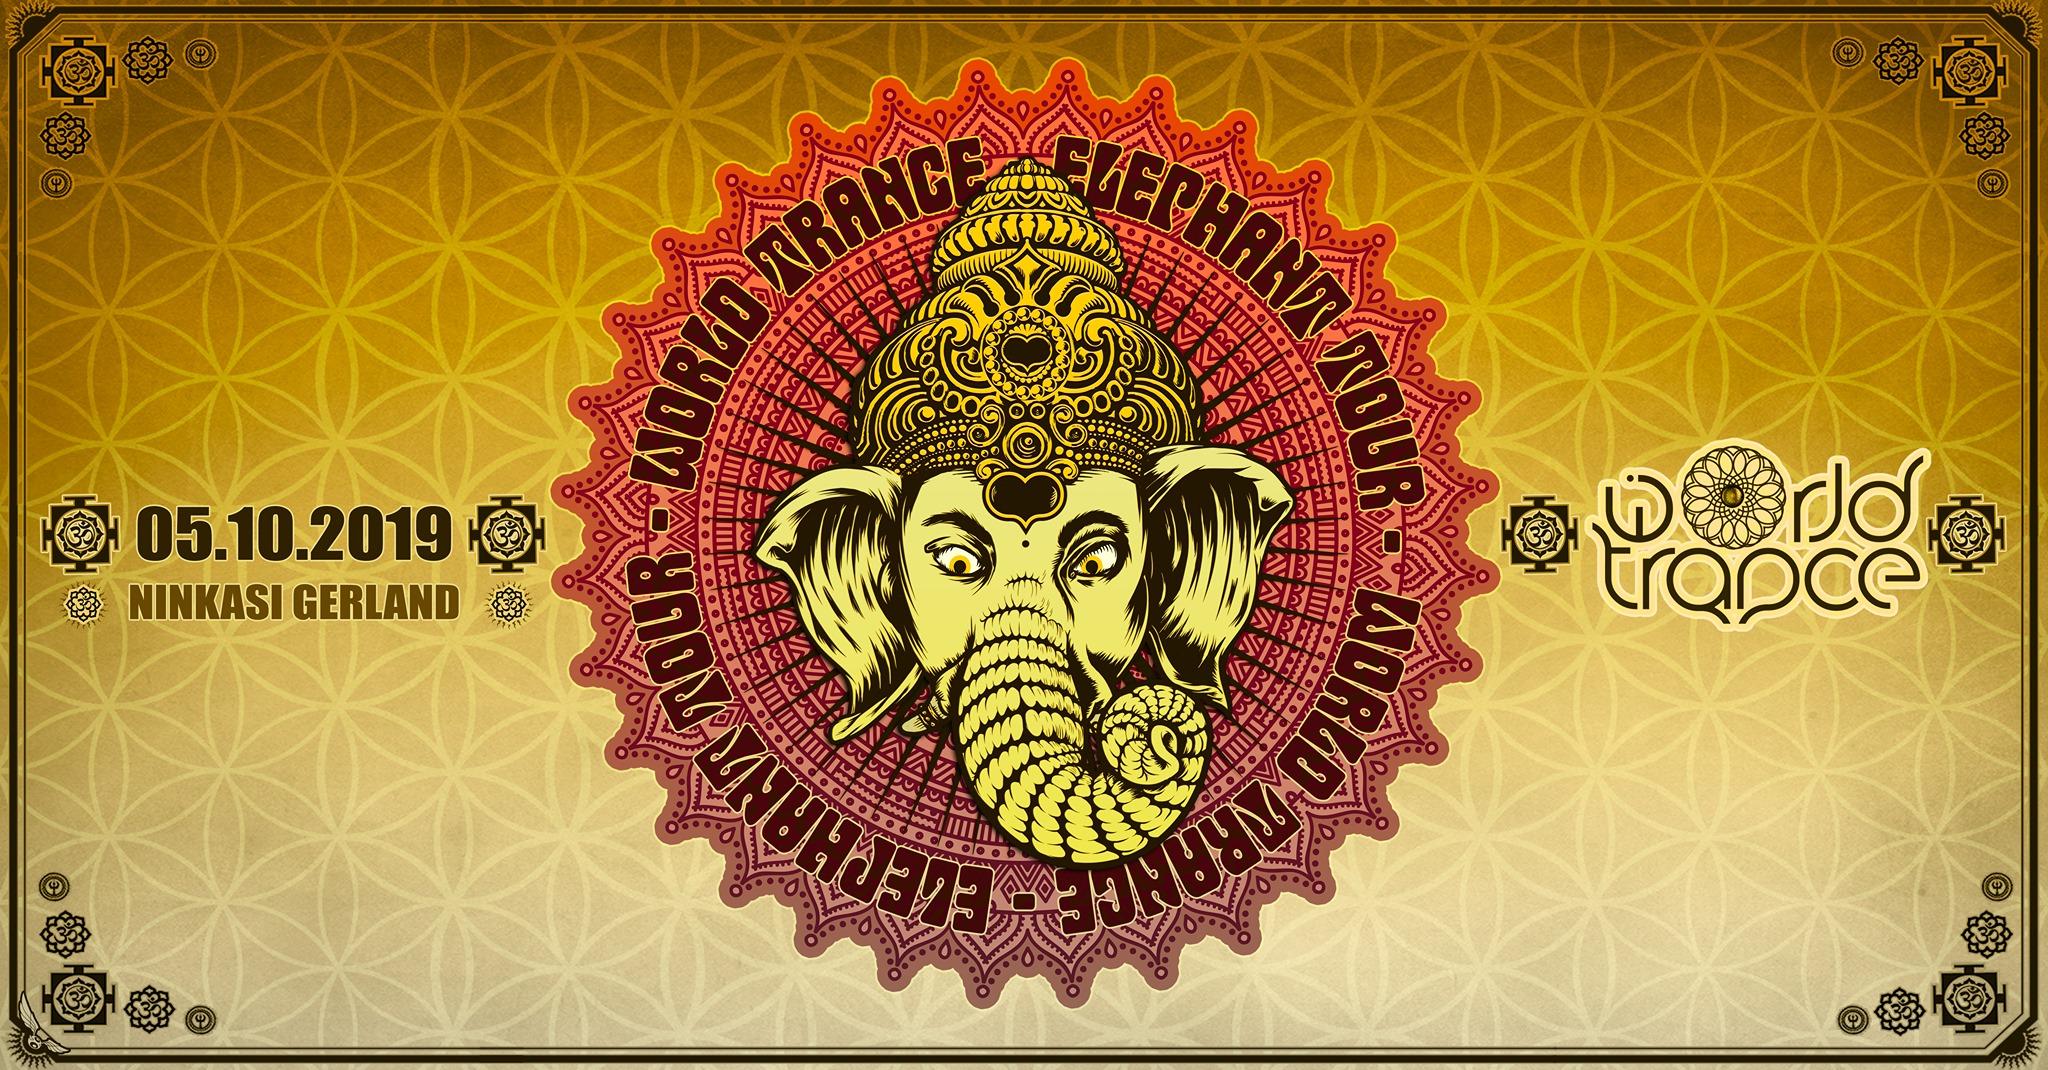 World Trance - Elephant Tour @NINKASI